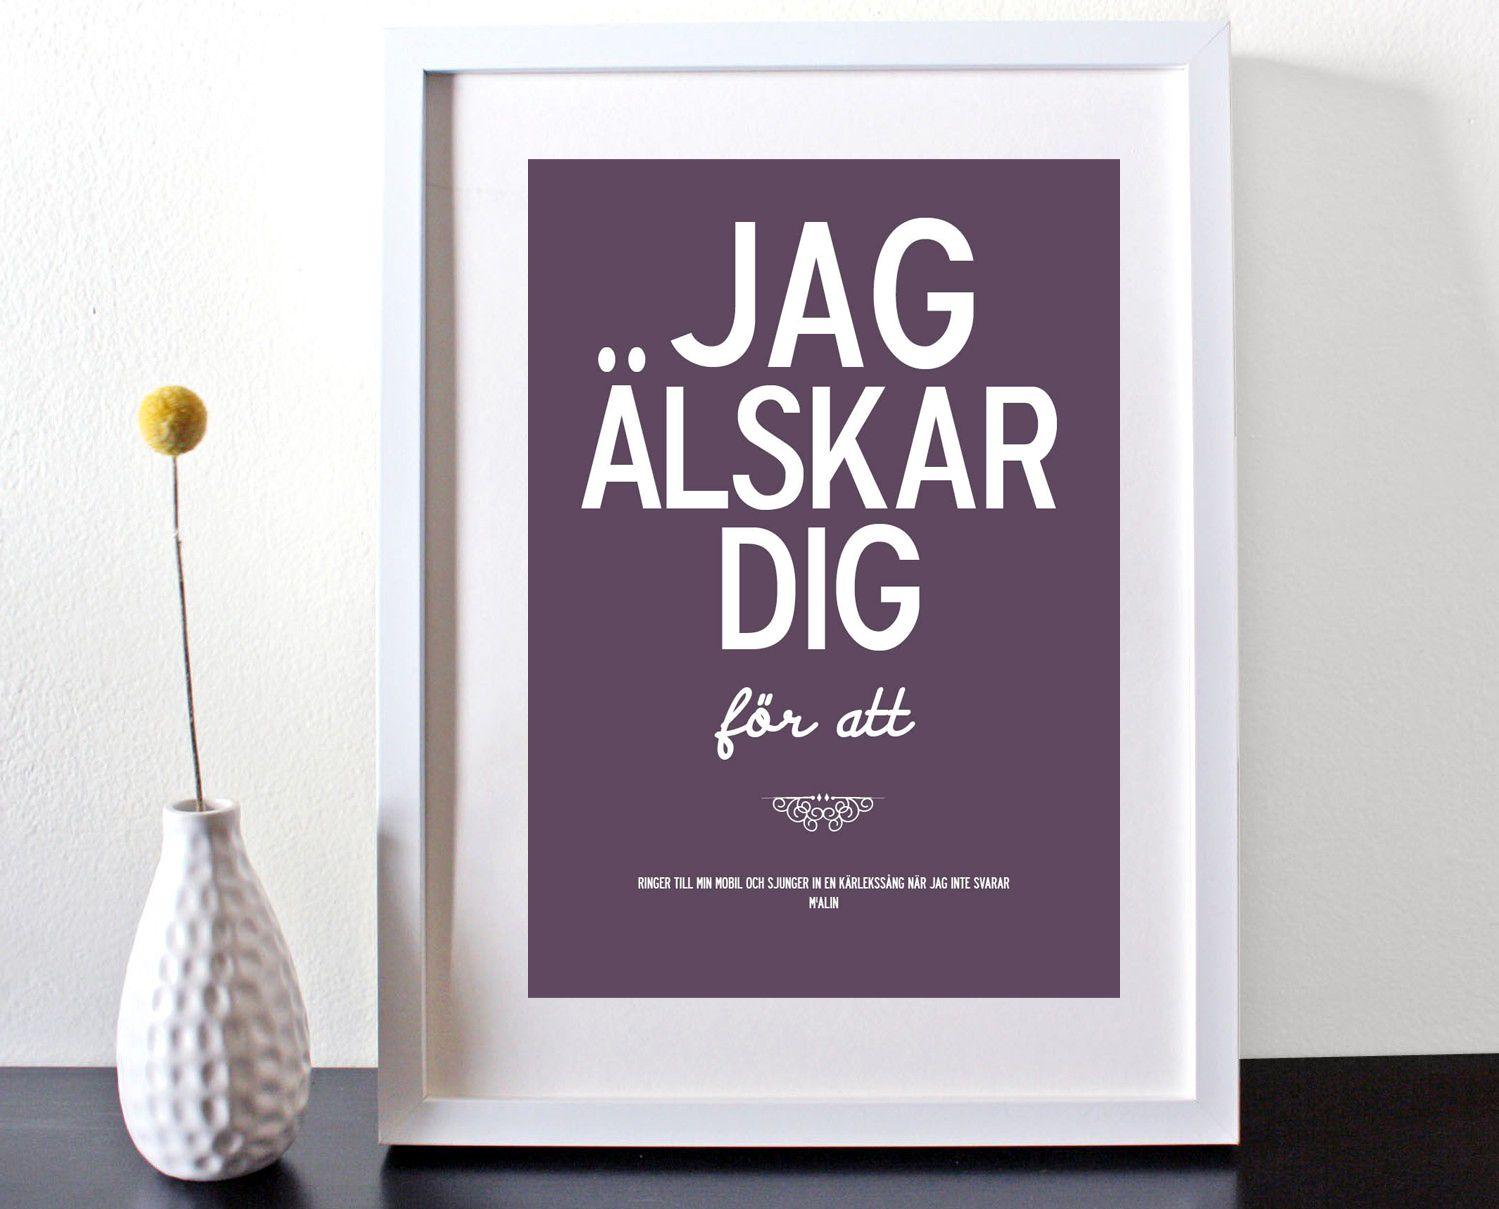 jag lskar dig f r att   personalised swedish poster or canvas 3 263 p